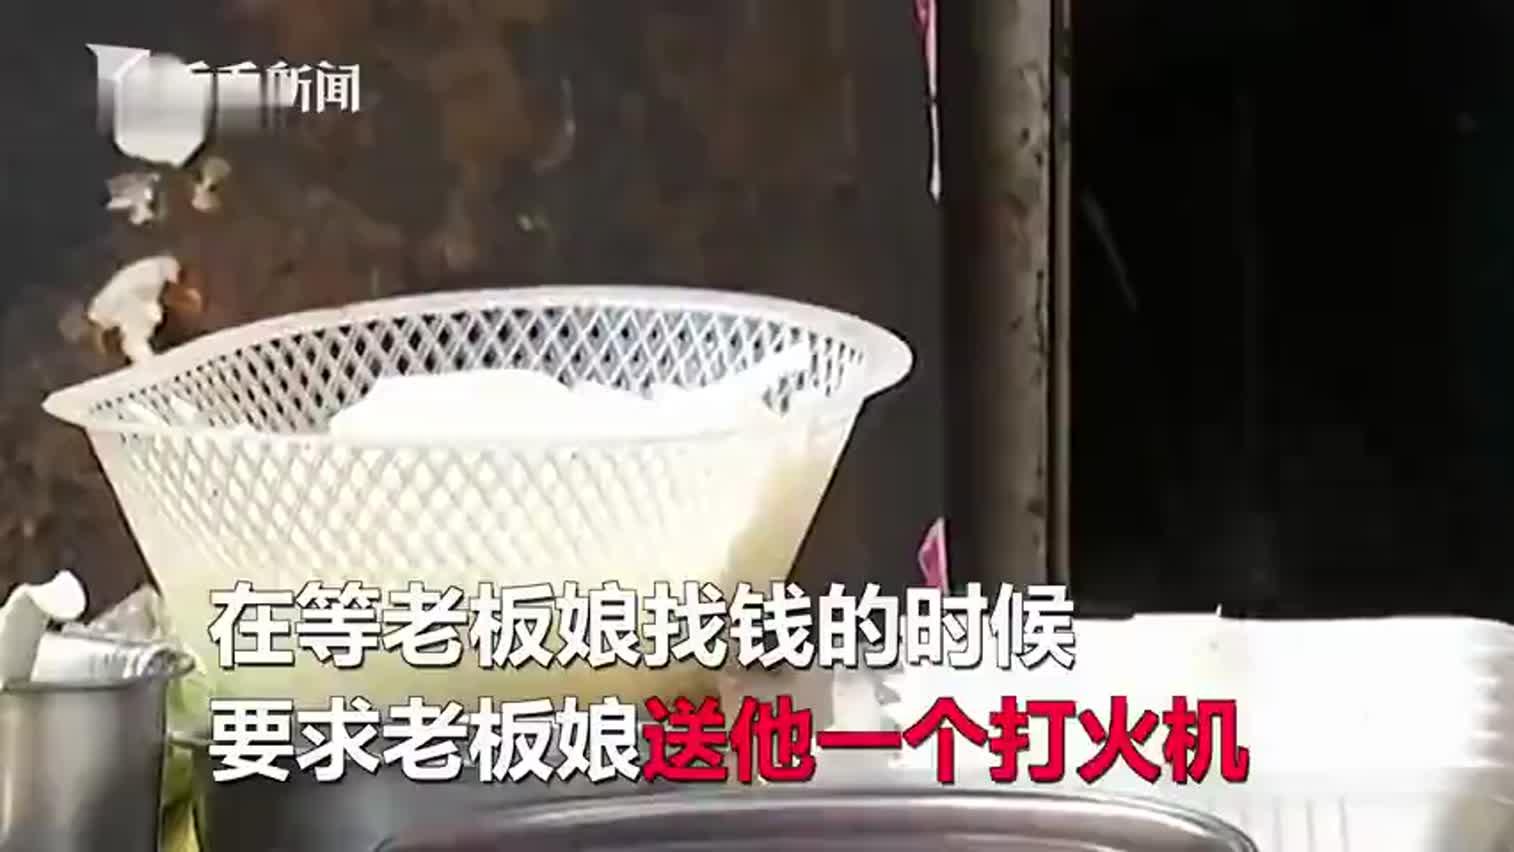 视频-女研究生见义勇为被打断牙:害怕但不能做懦夫